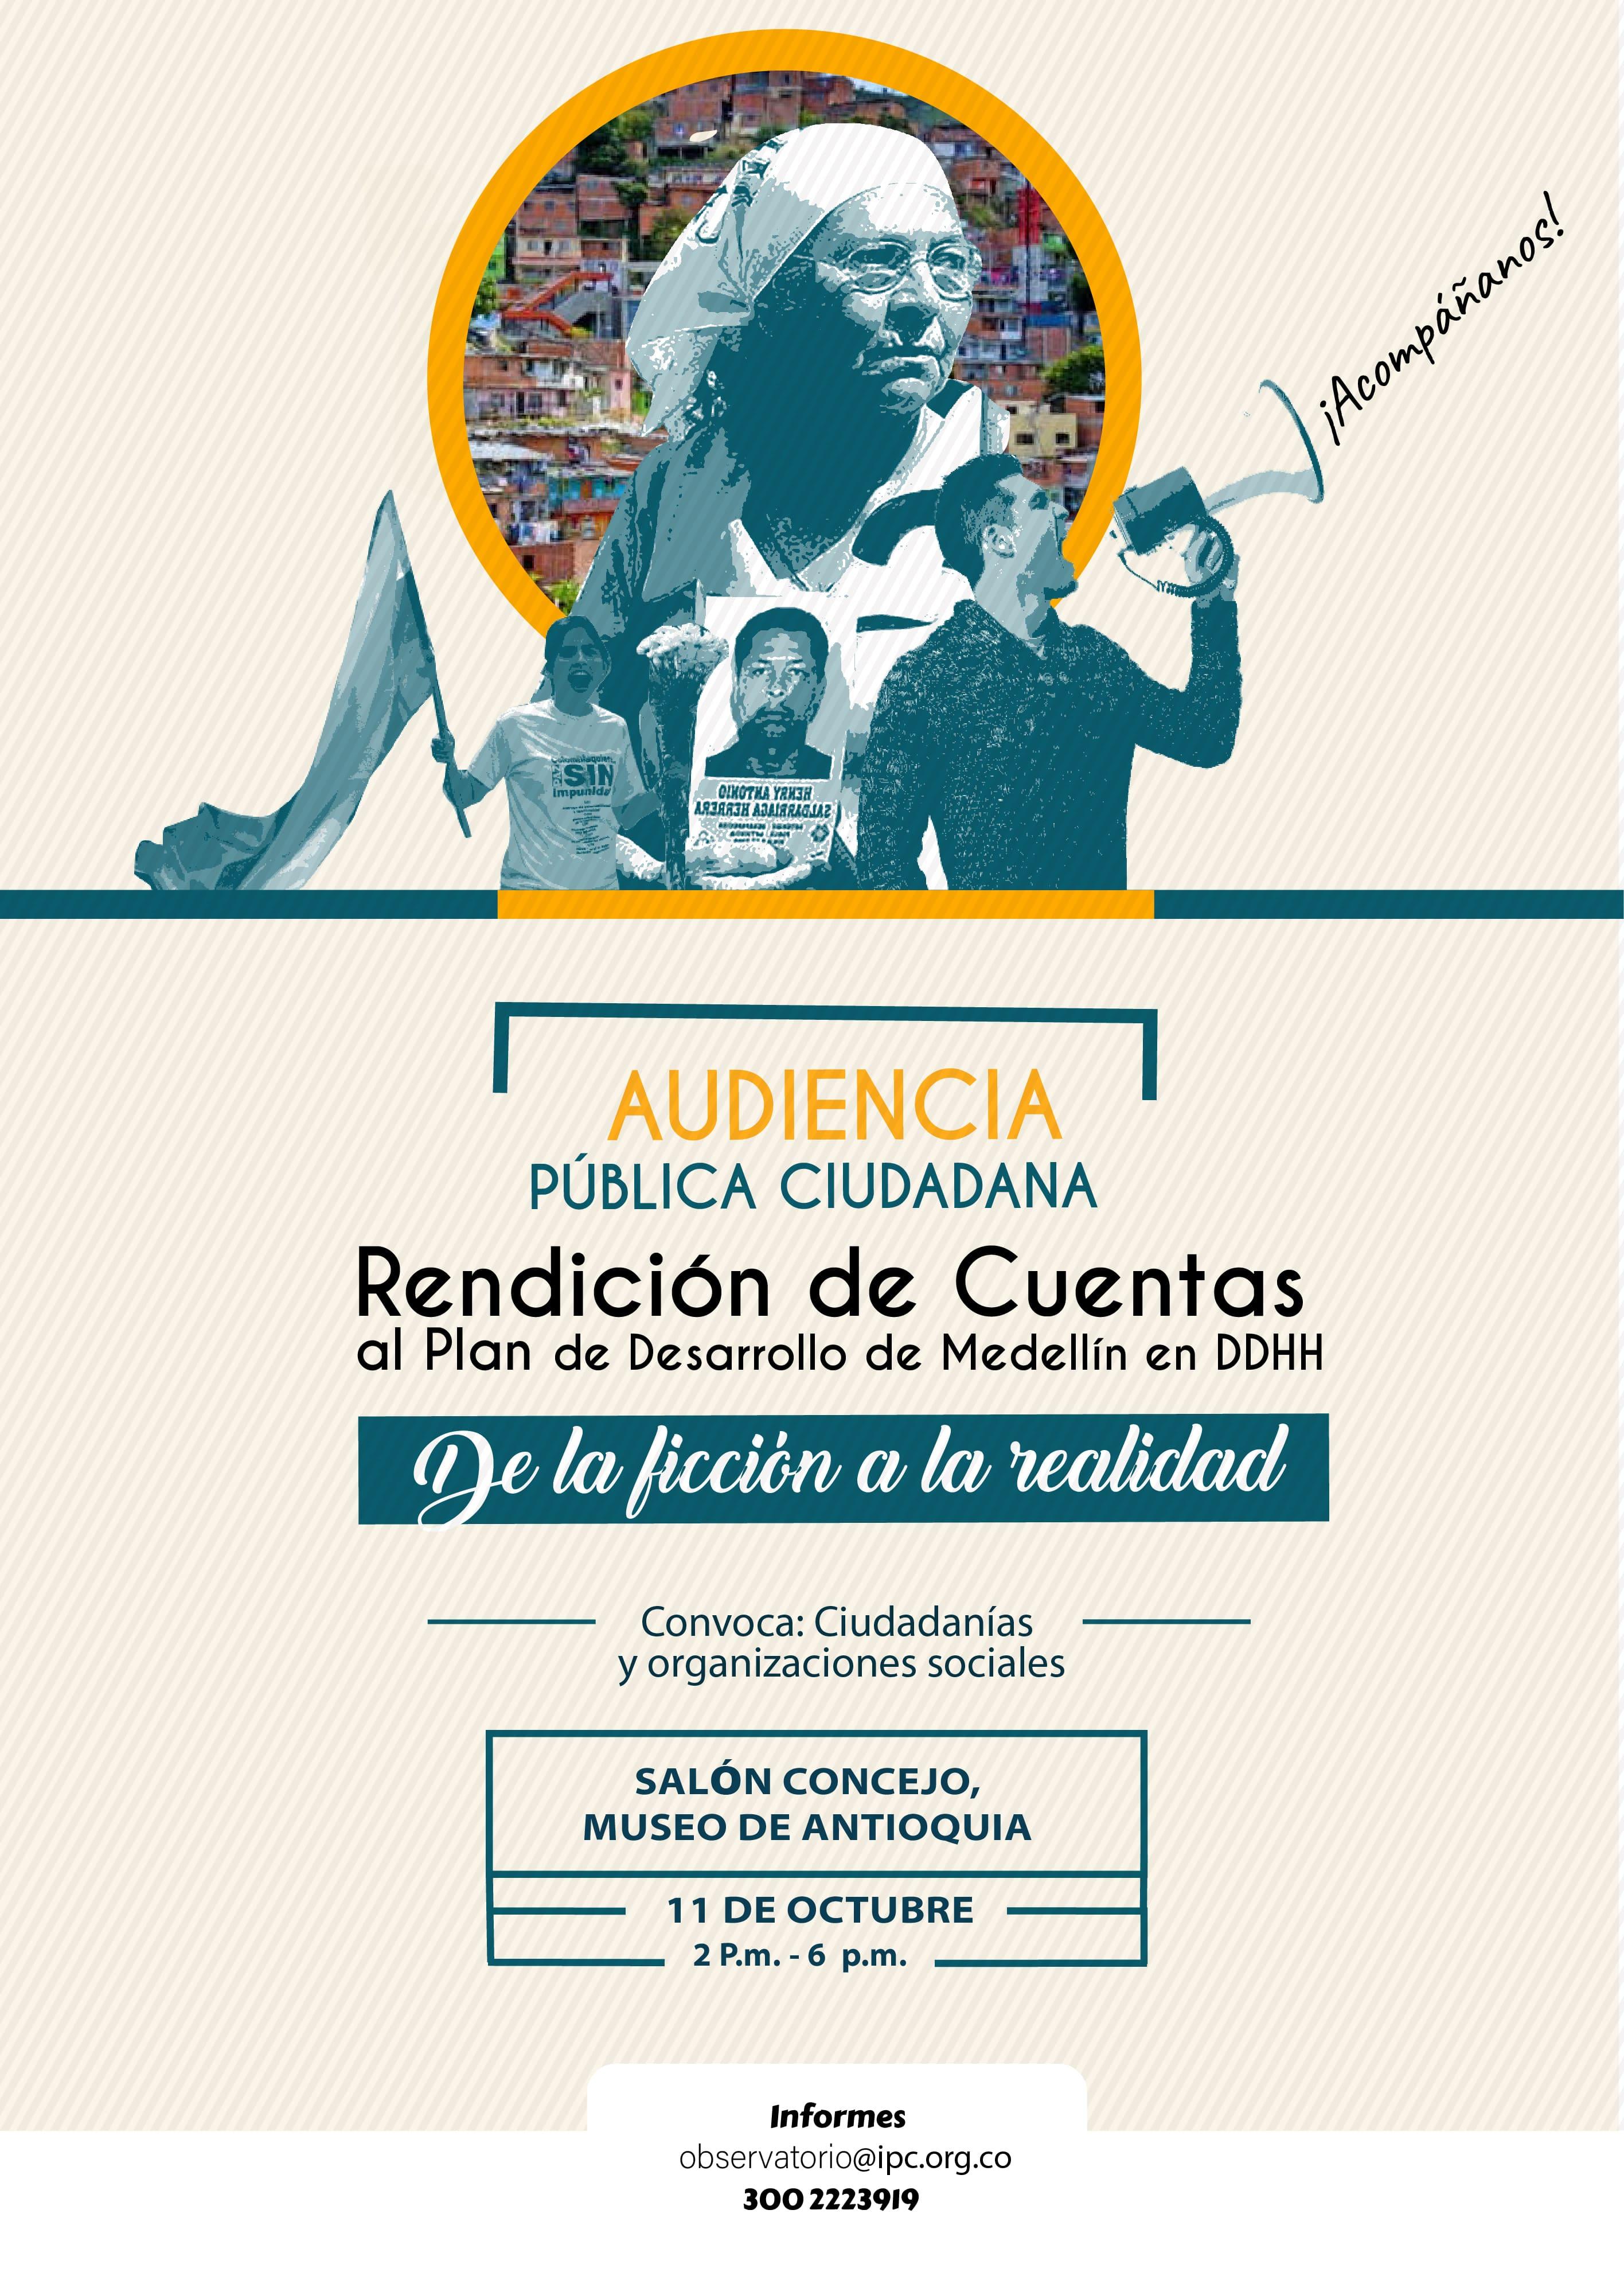 Audiencia Pública Ciudadana: Rendición de cuentas al Plan de Desarrollo de Medellín en DDHH